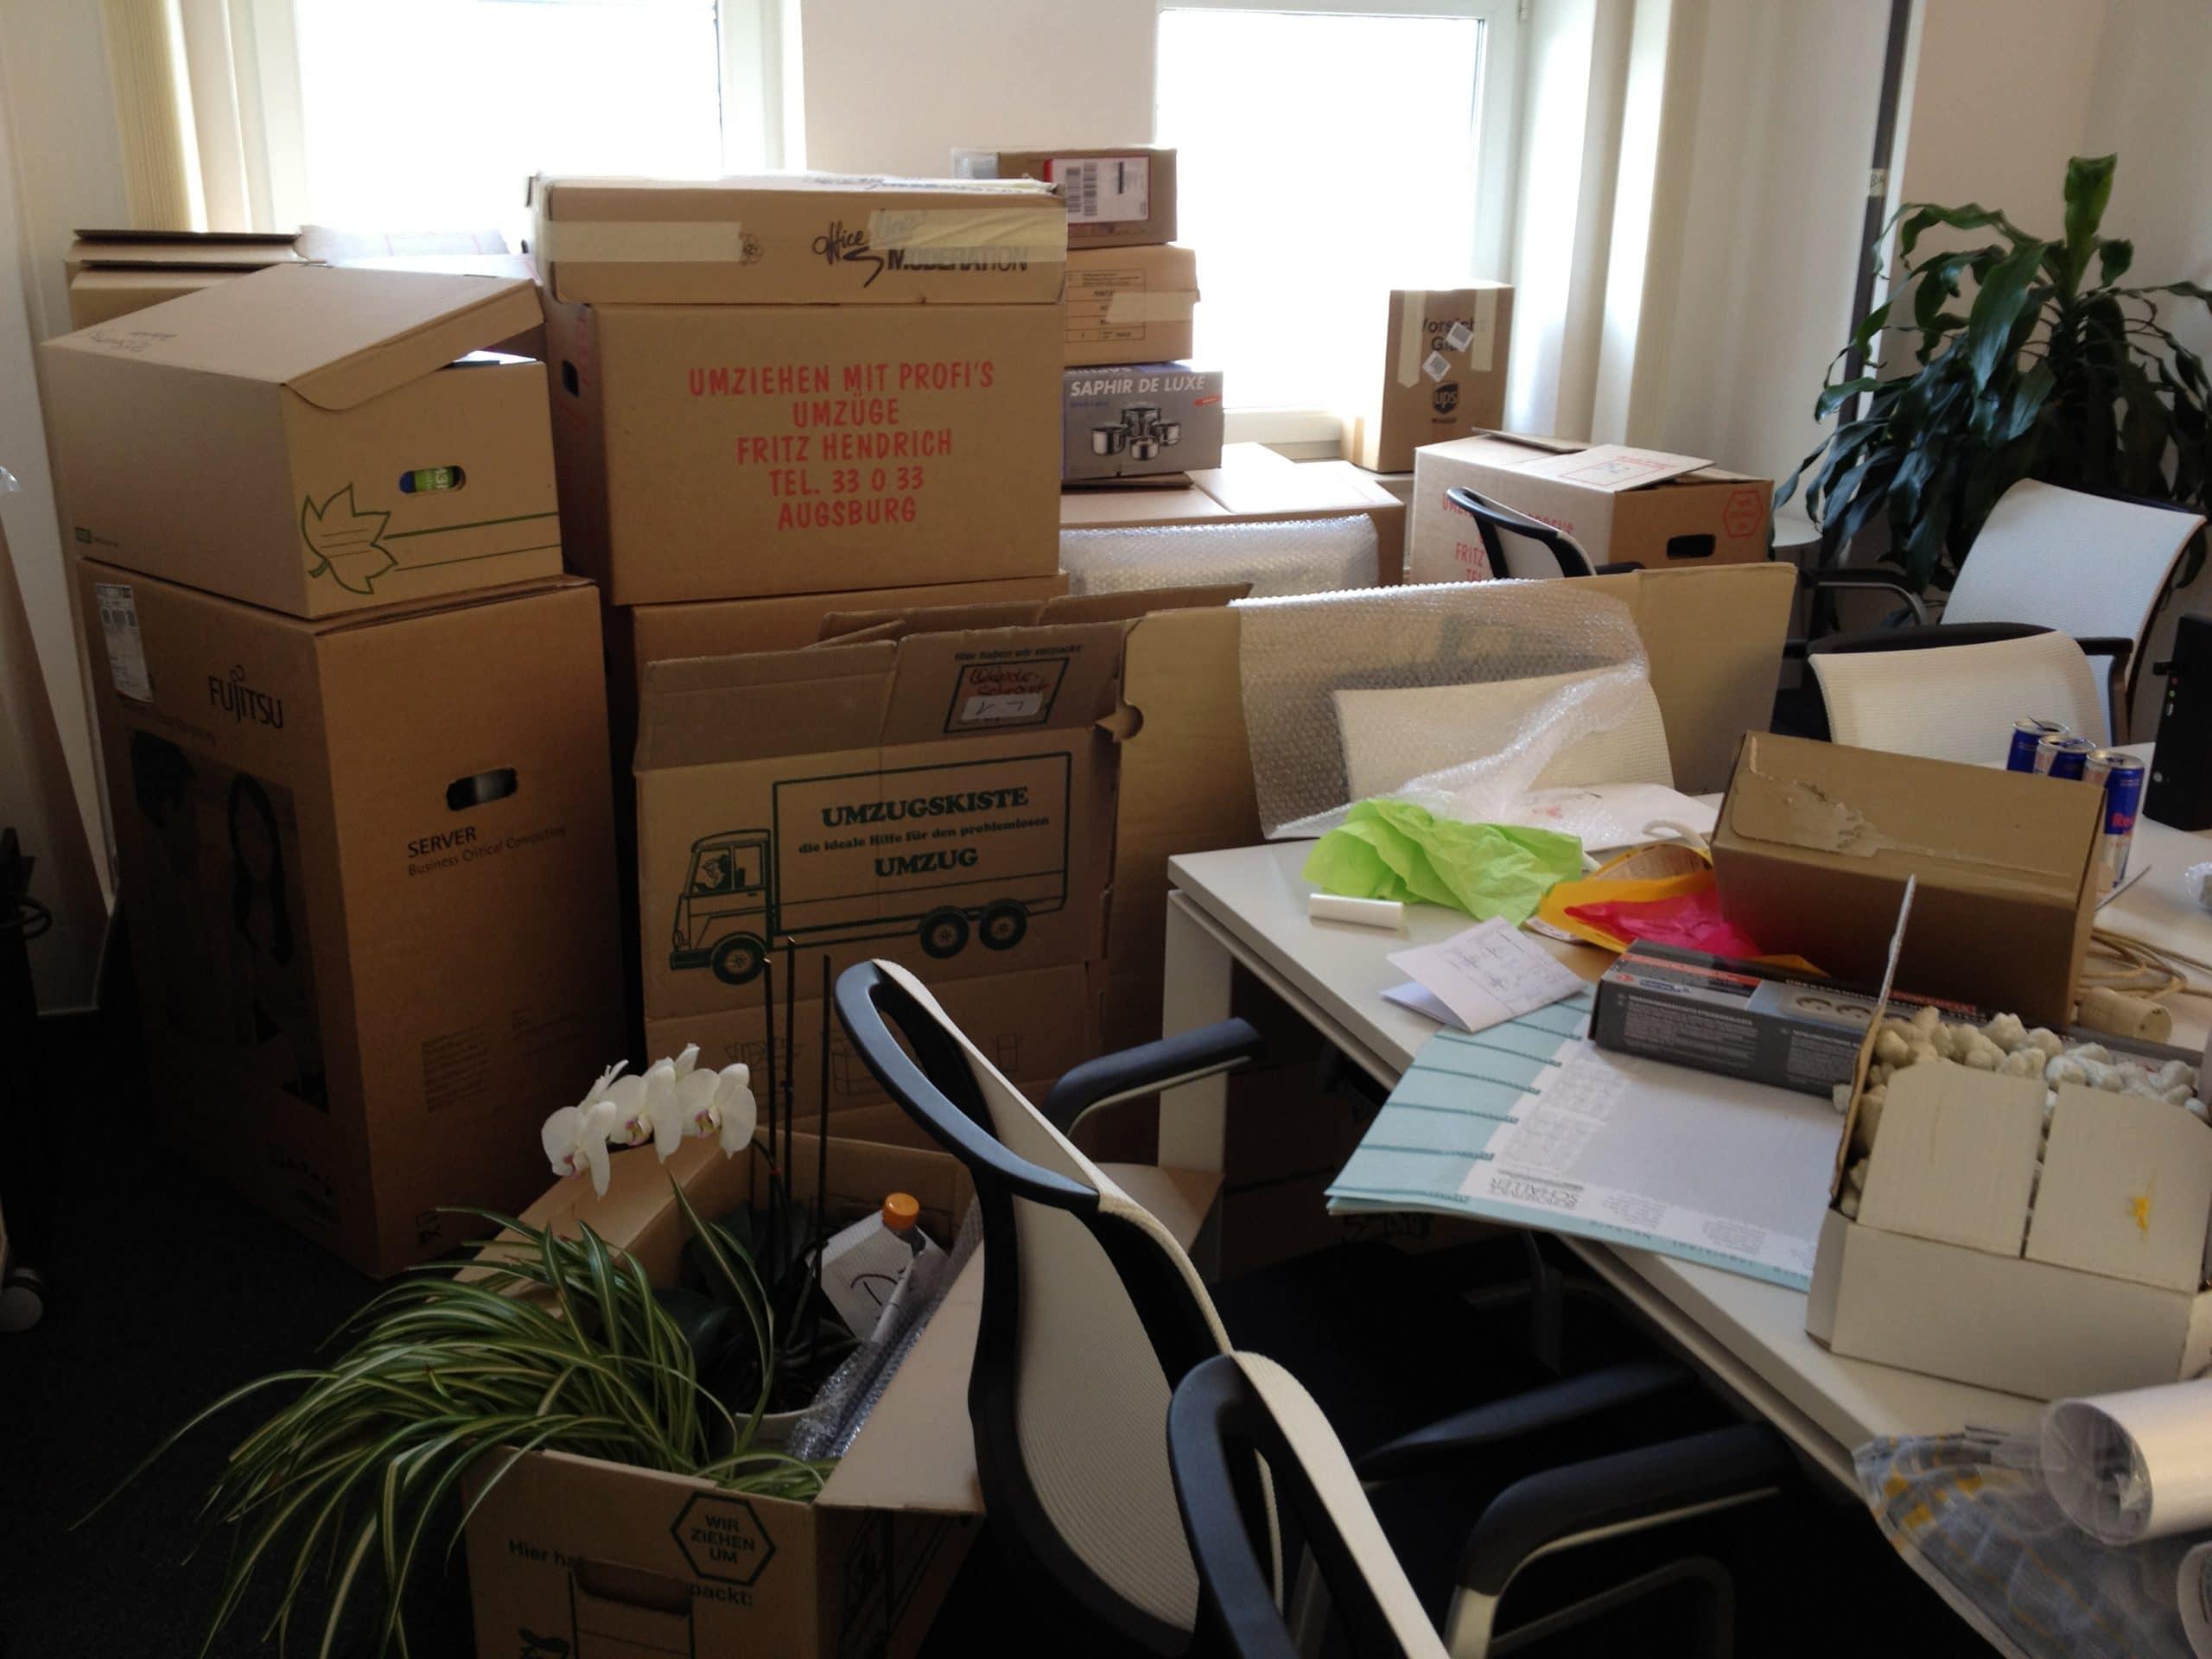 """Willkommen im Chaos: Trotz der """"Unglückzahl"""" Freitag der 13., ging beim Umzug in die neuen (und viel größeren) Büroräume alles glatt."""